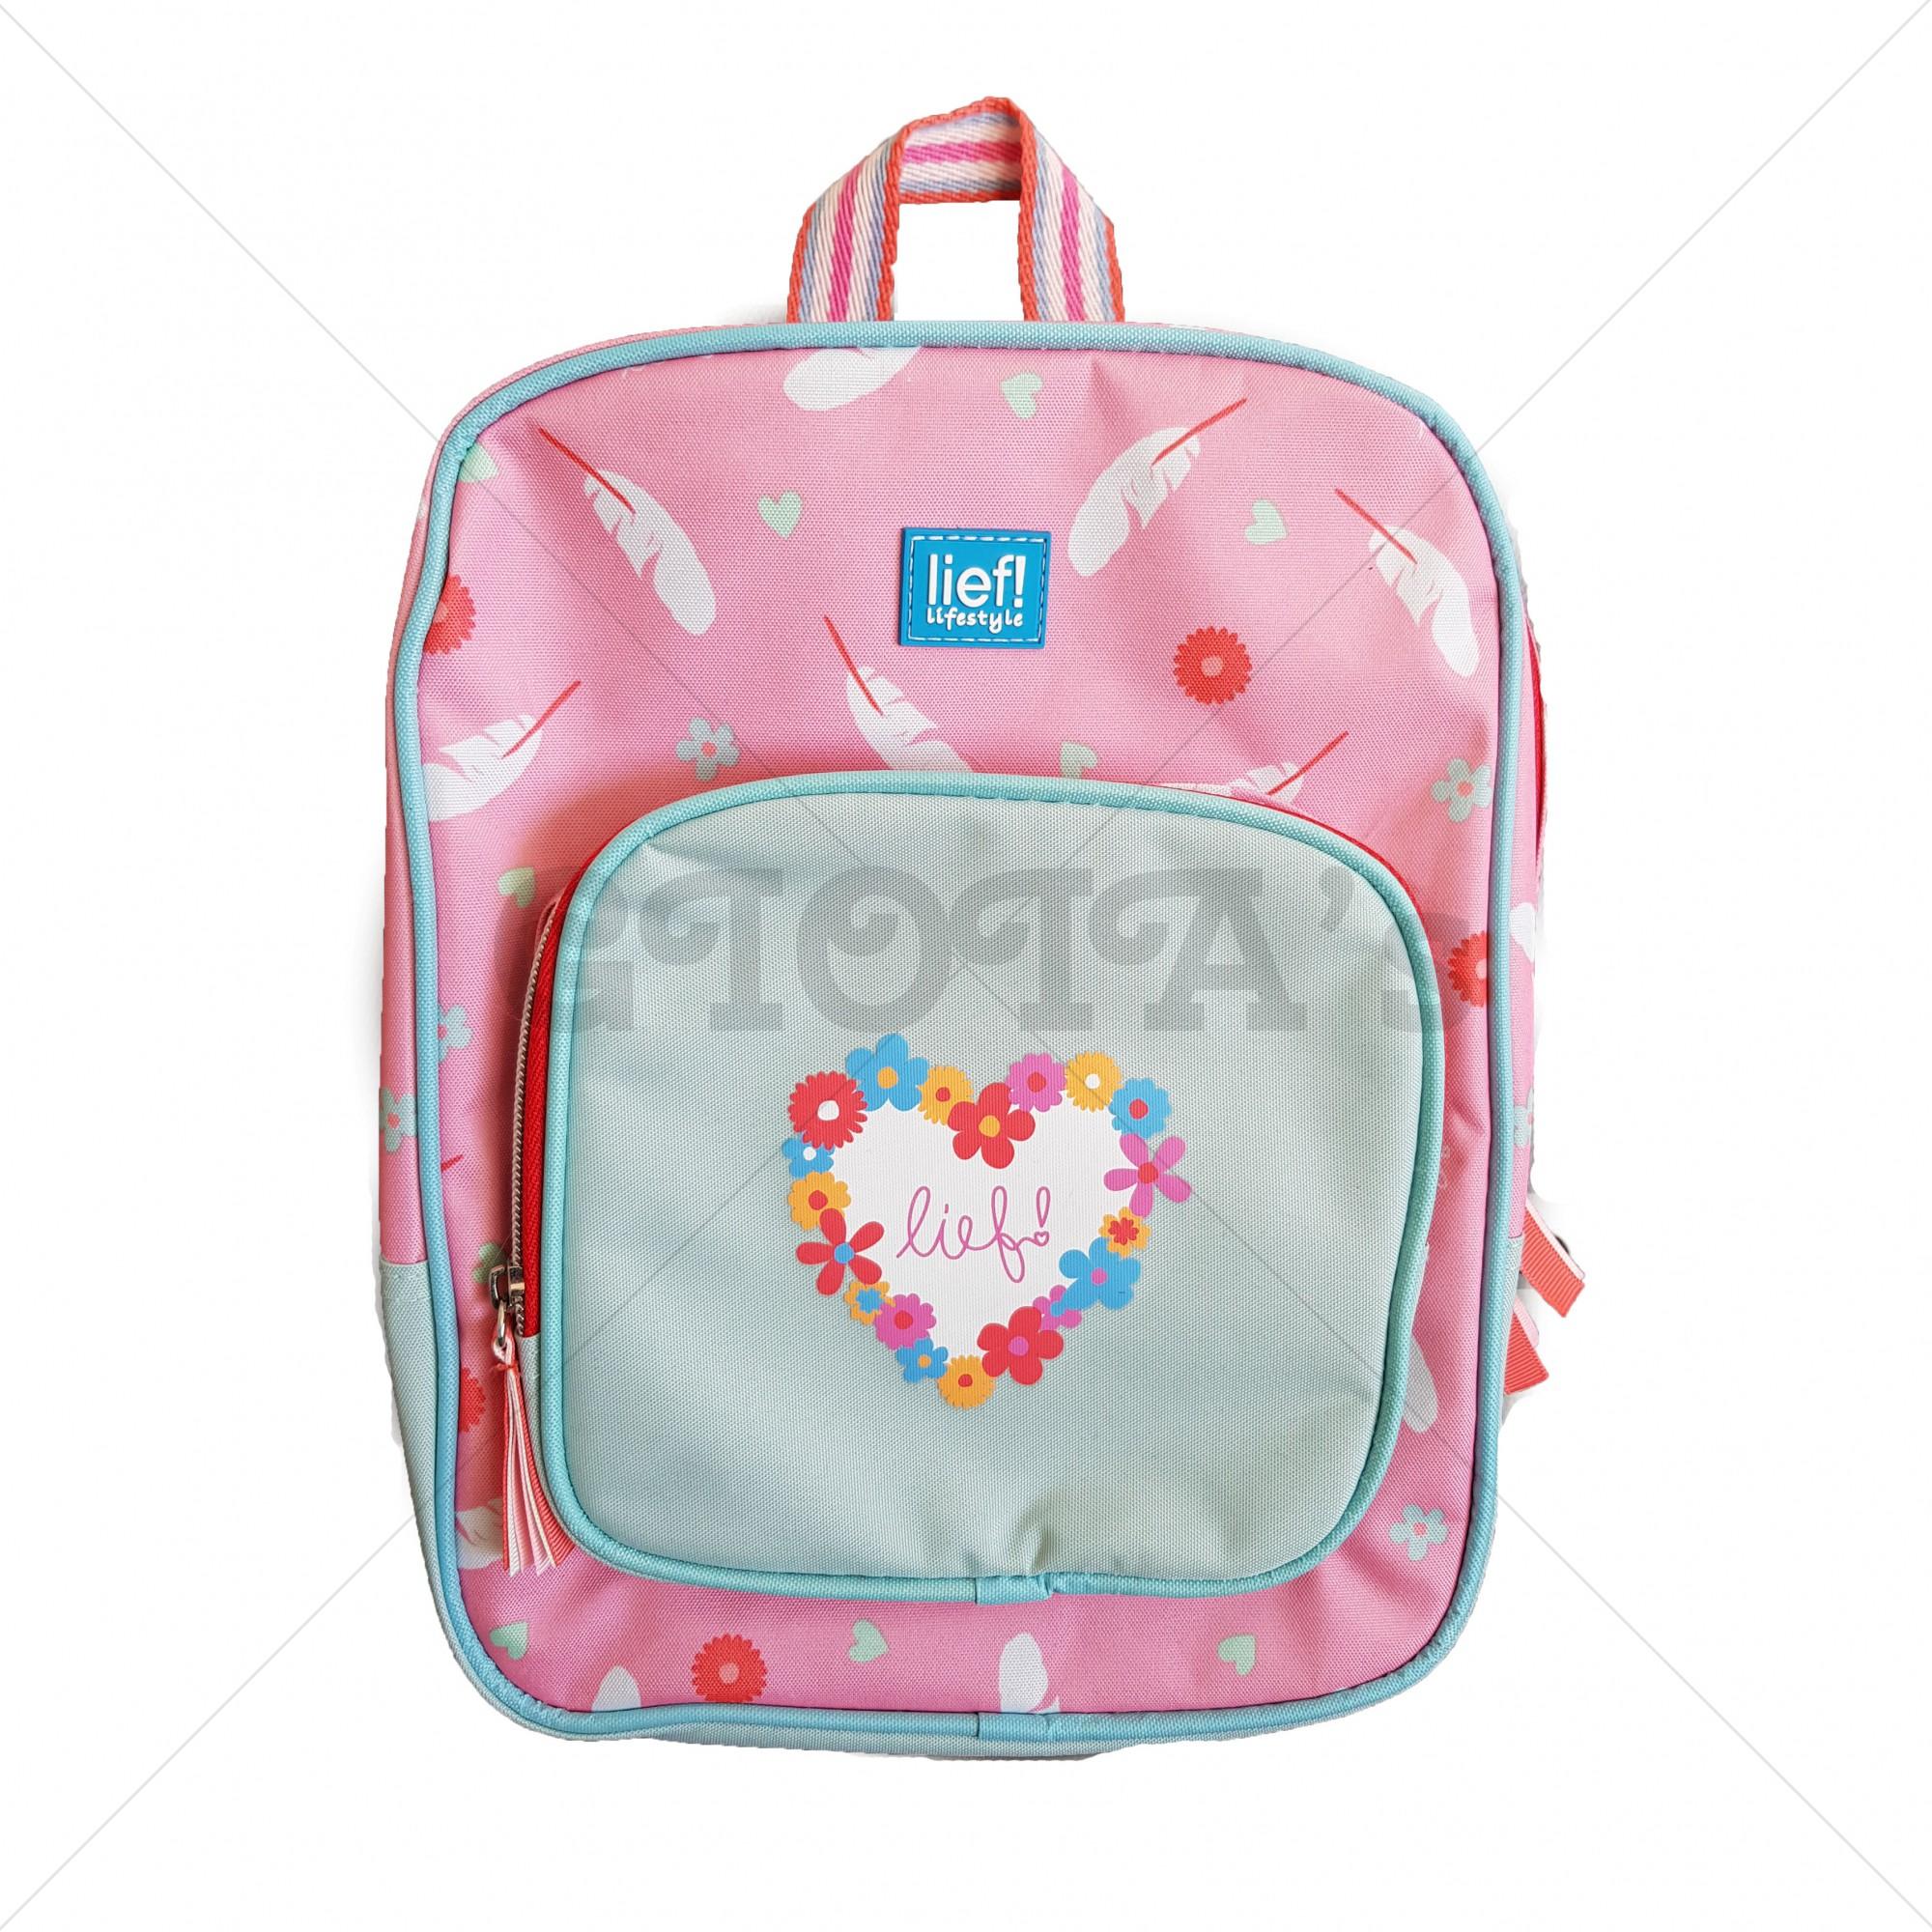 df544138d94 Lief! lifestyle rugtas roze-mint. - GIOIA's cadeau en feestartikelen